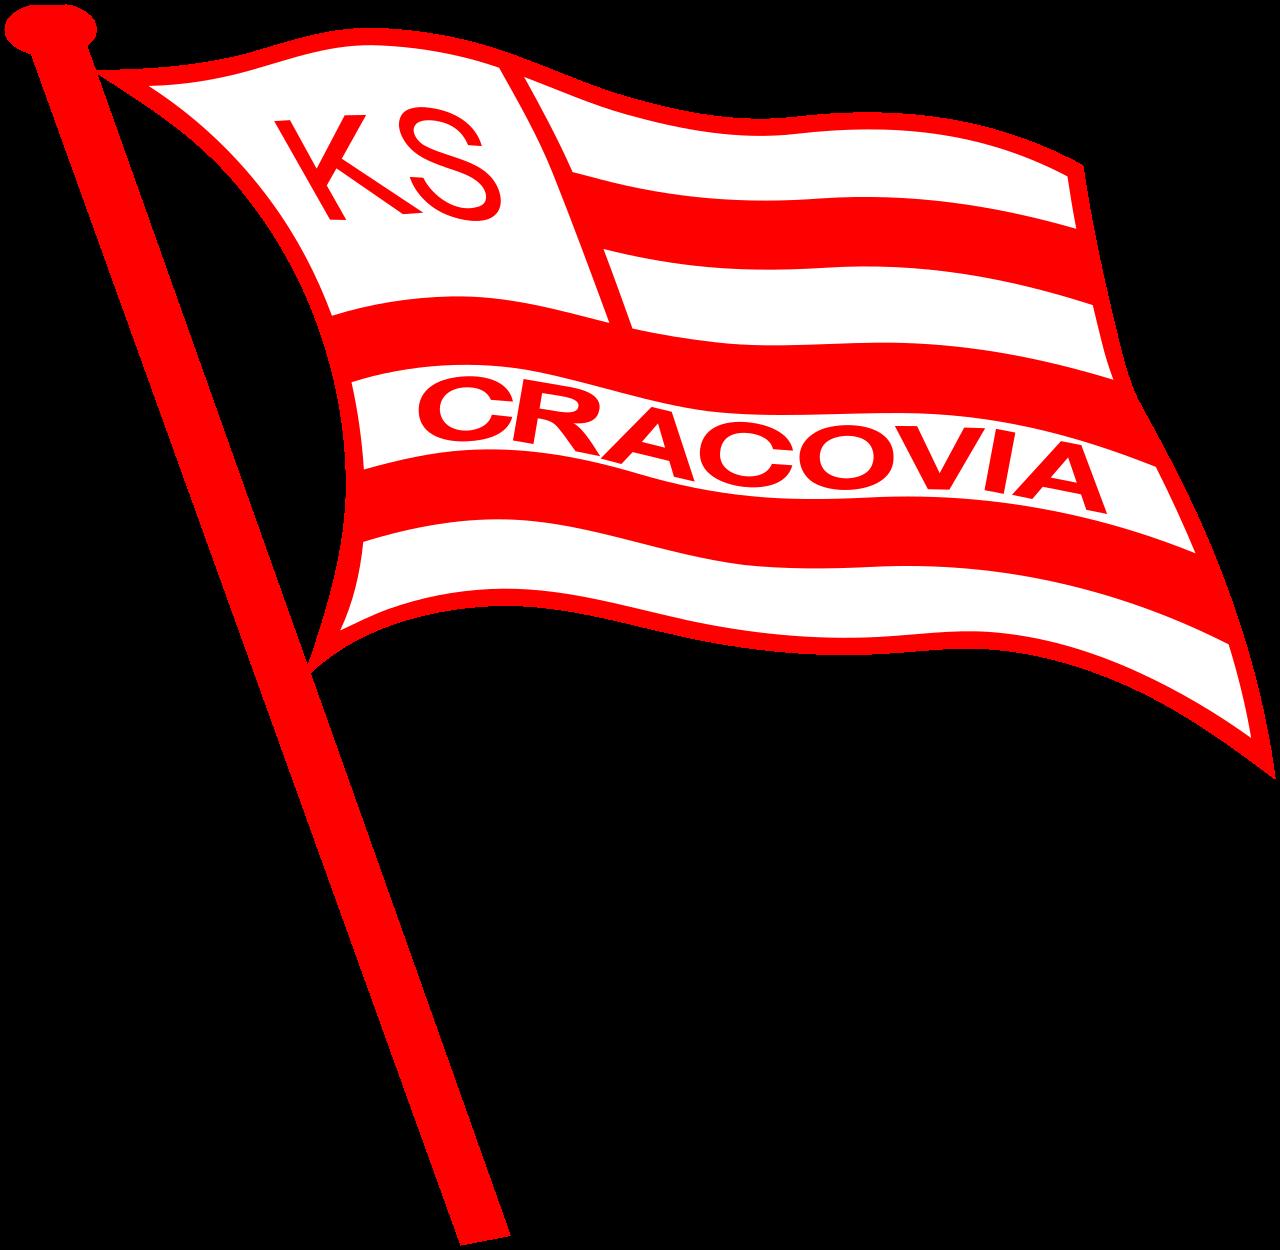 Краковия (Краков, Польша)